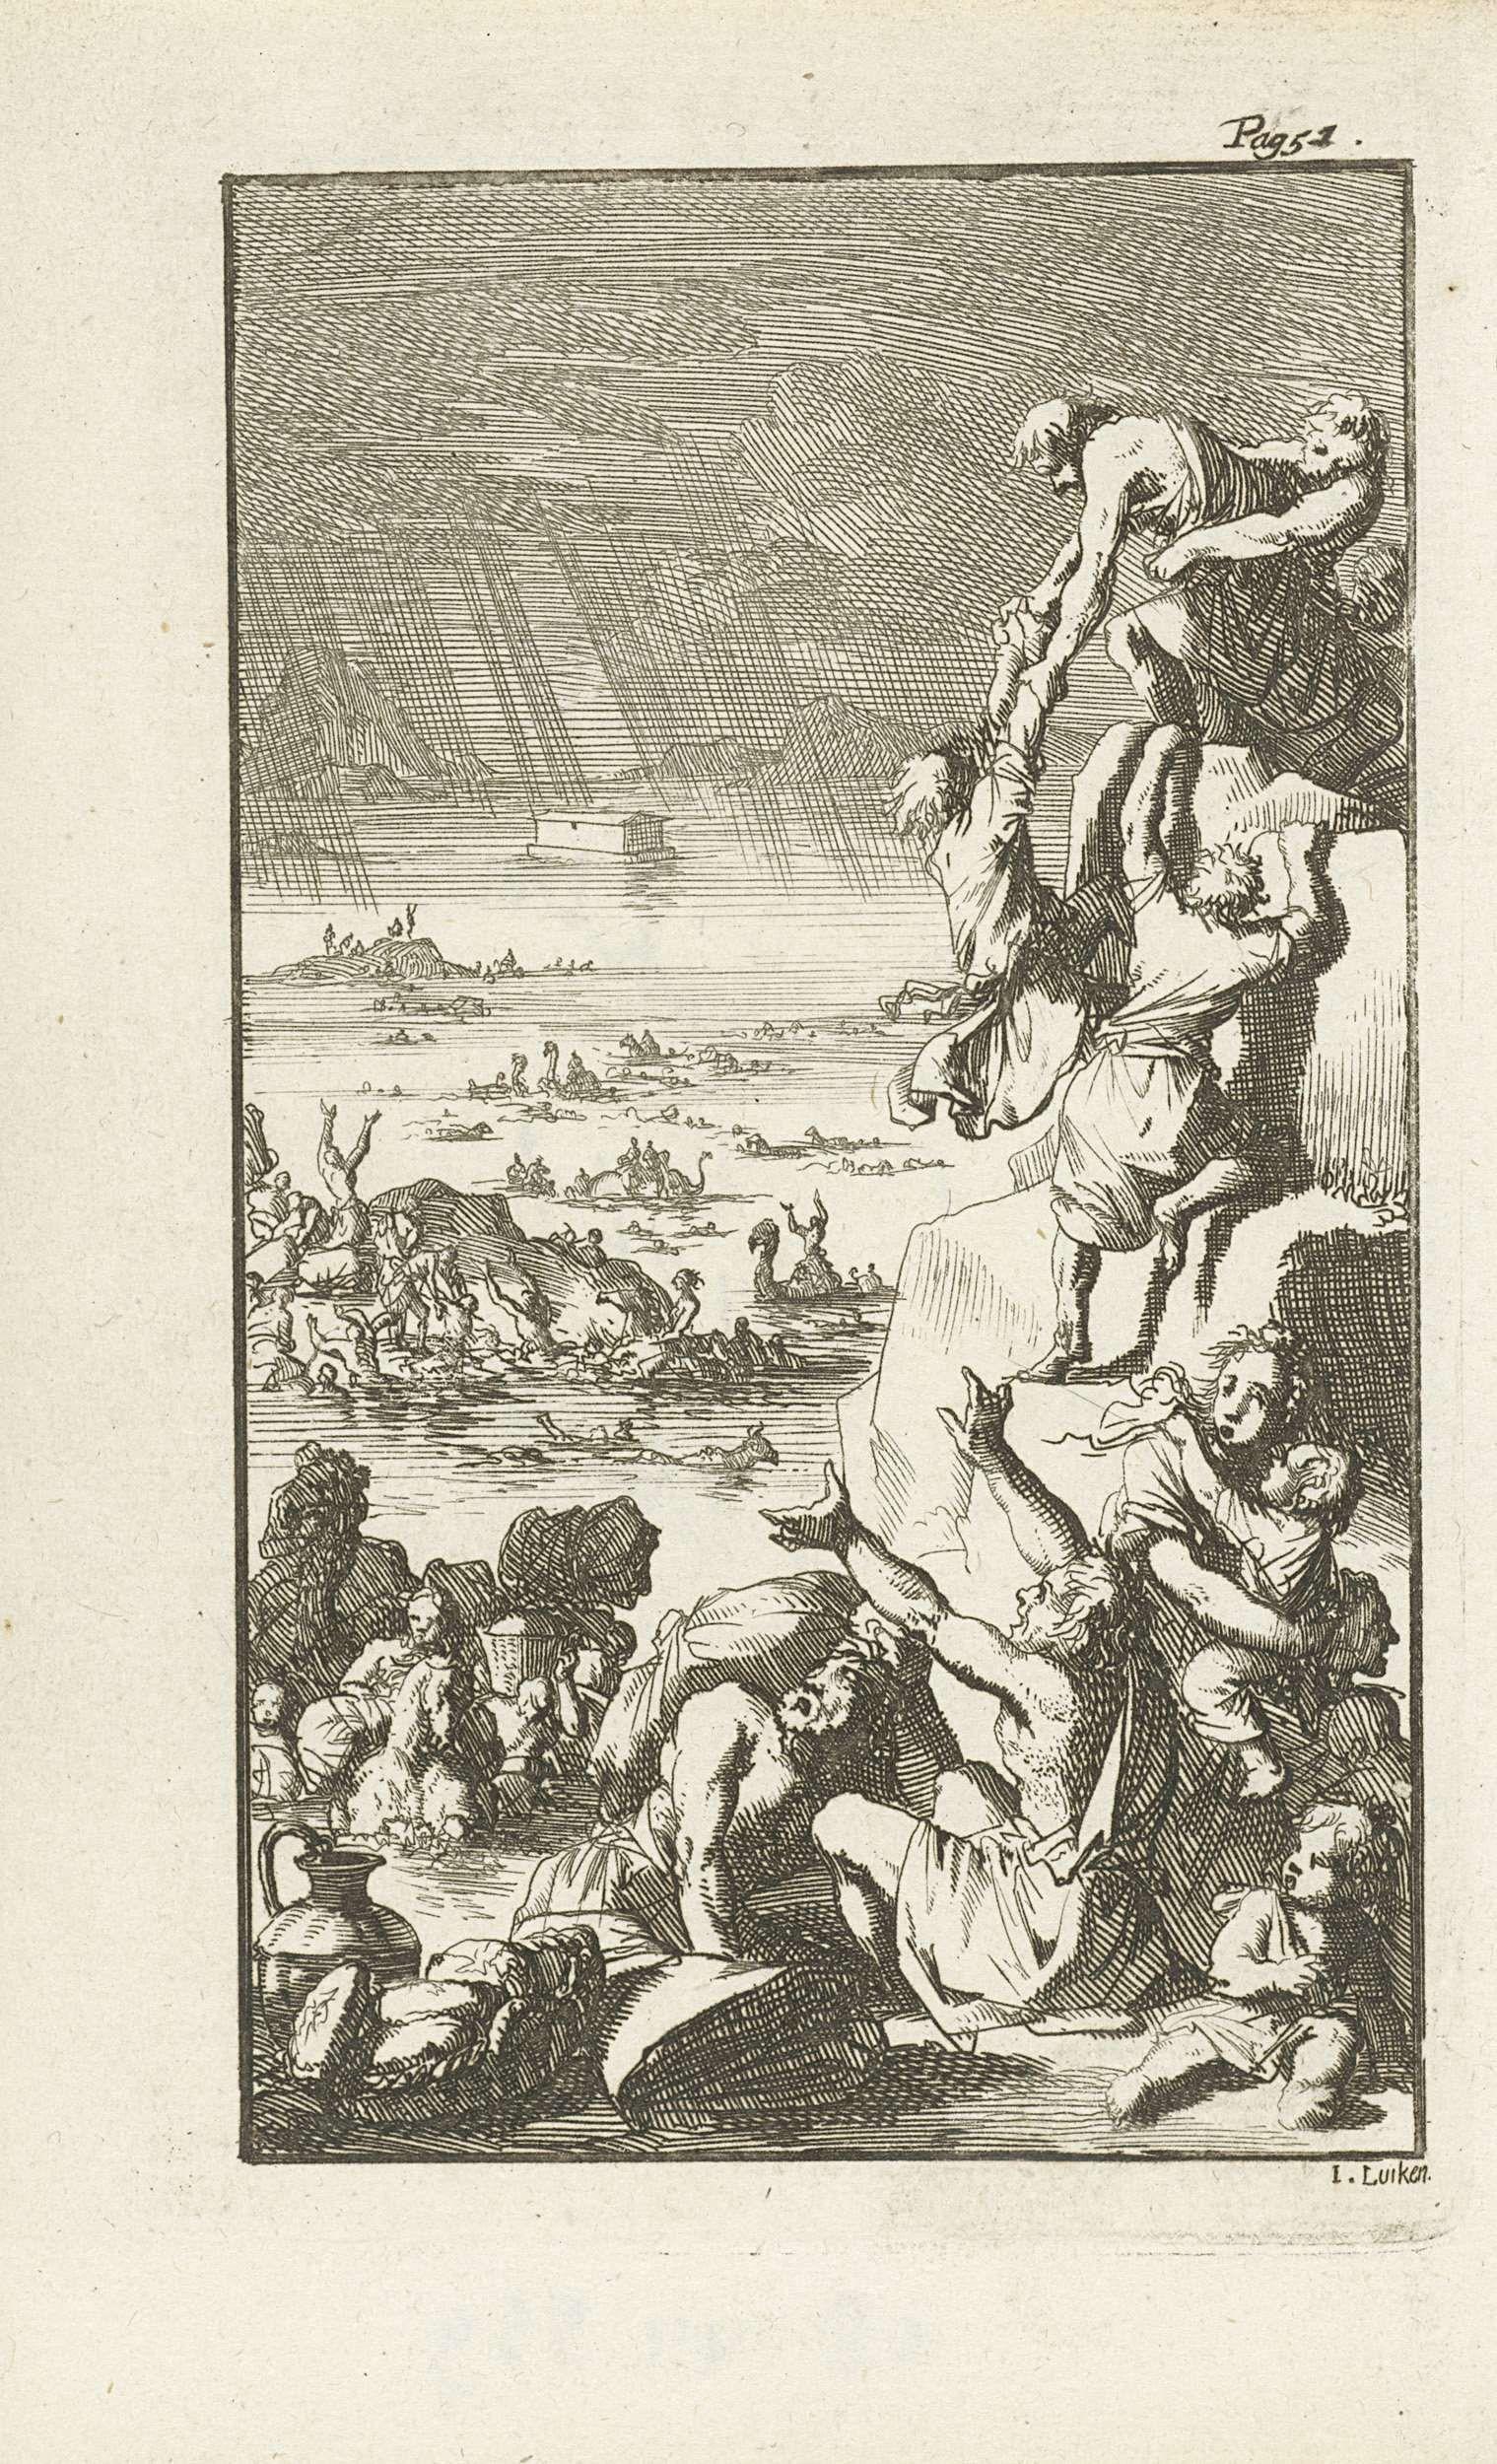 Jan Luyken | De zondvloed, Jan Luyken, weduwe Abraham Honkoop en Zoon (I), Cornelis van Hoogeveen Junior, 1765 | Prent rechtsboven gemerkt: Pag. 51.